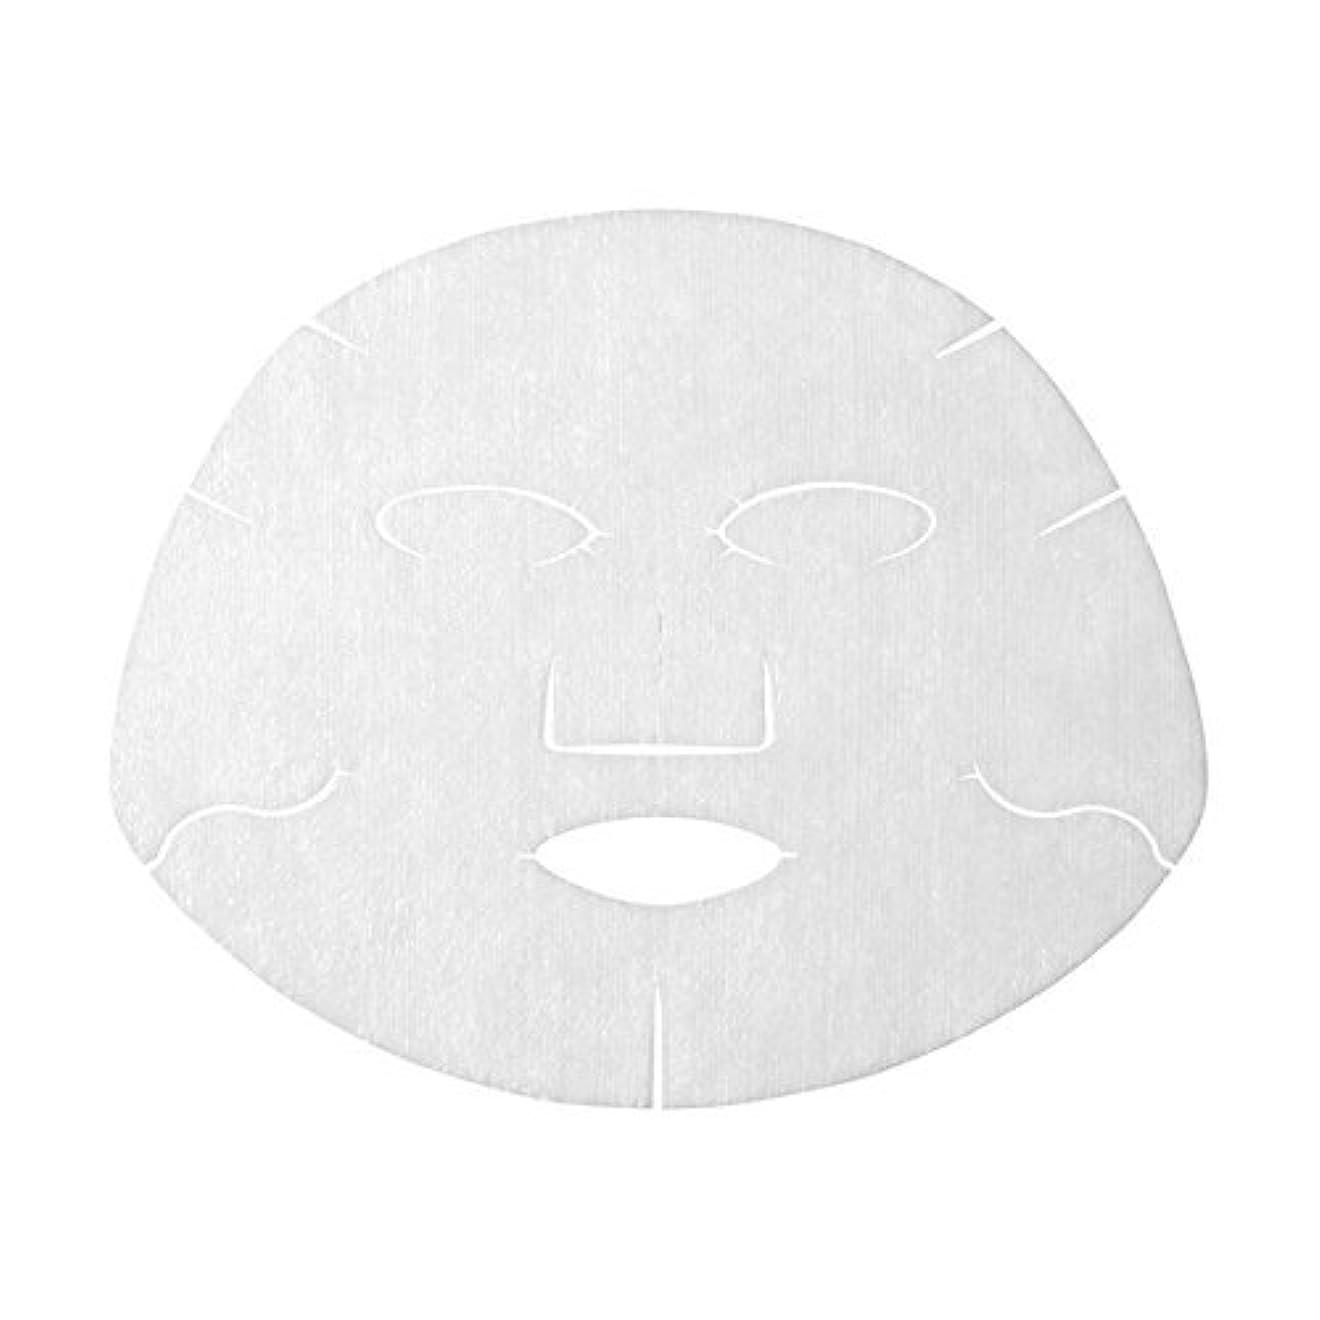 連想ブレイズ祖先アクアレーベル モイストチャージマスク <1枚入り> 23mLX1枚 ×3個